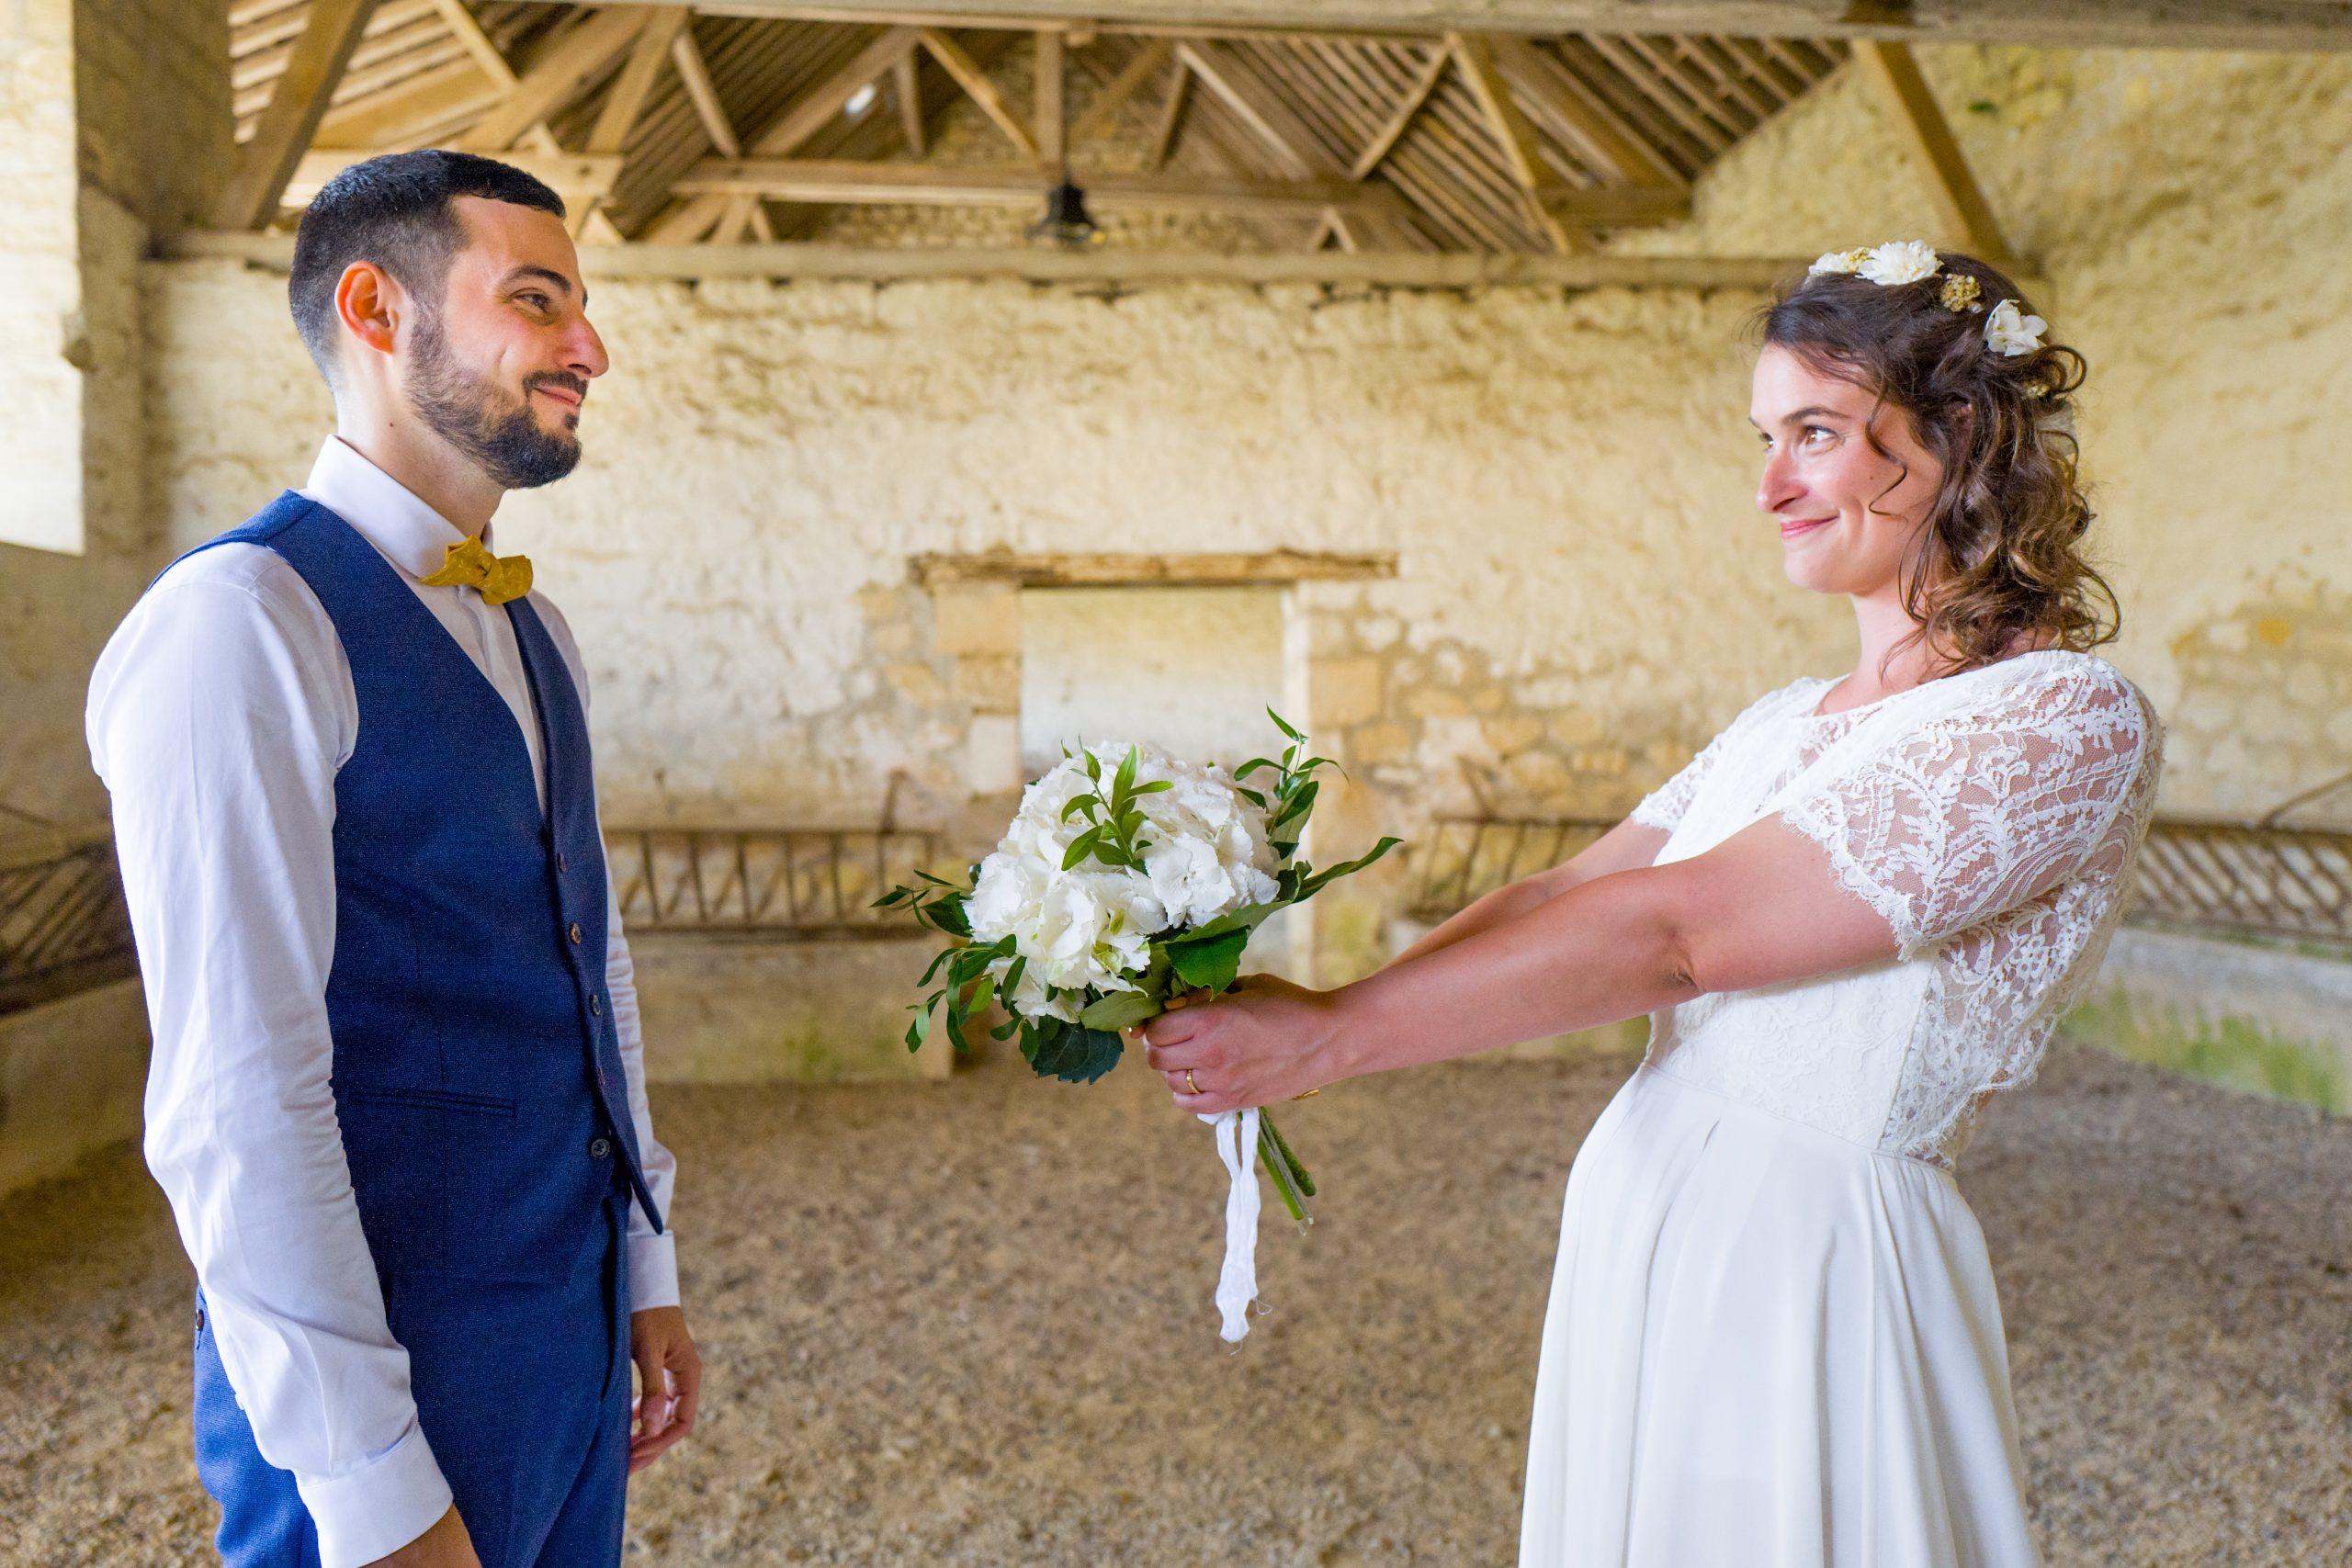 Photographe mariage - Paris - Montpellier - Nice - Mariage Hérault - Séance photo de couple dans une écurie